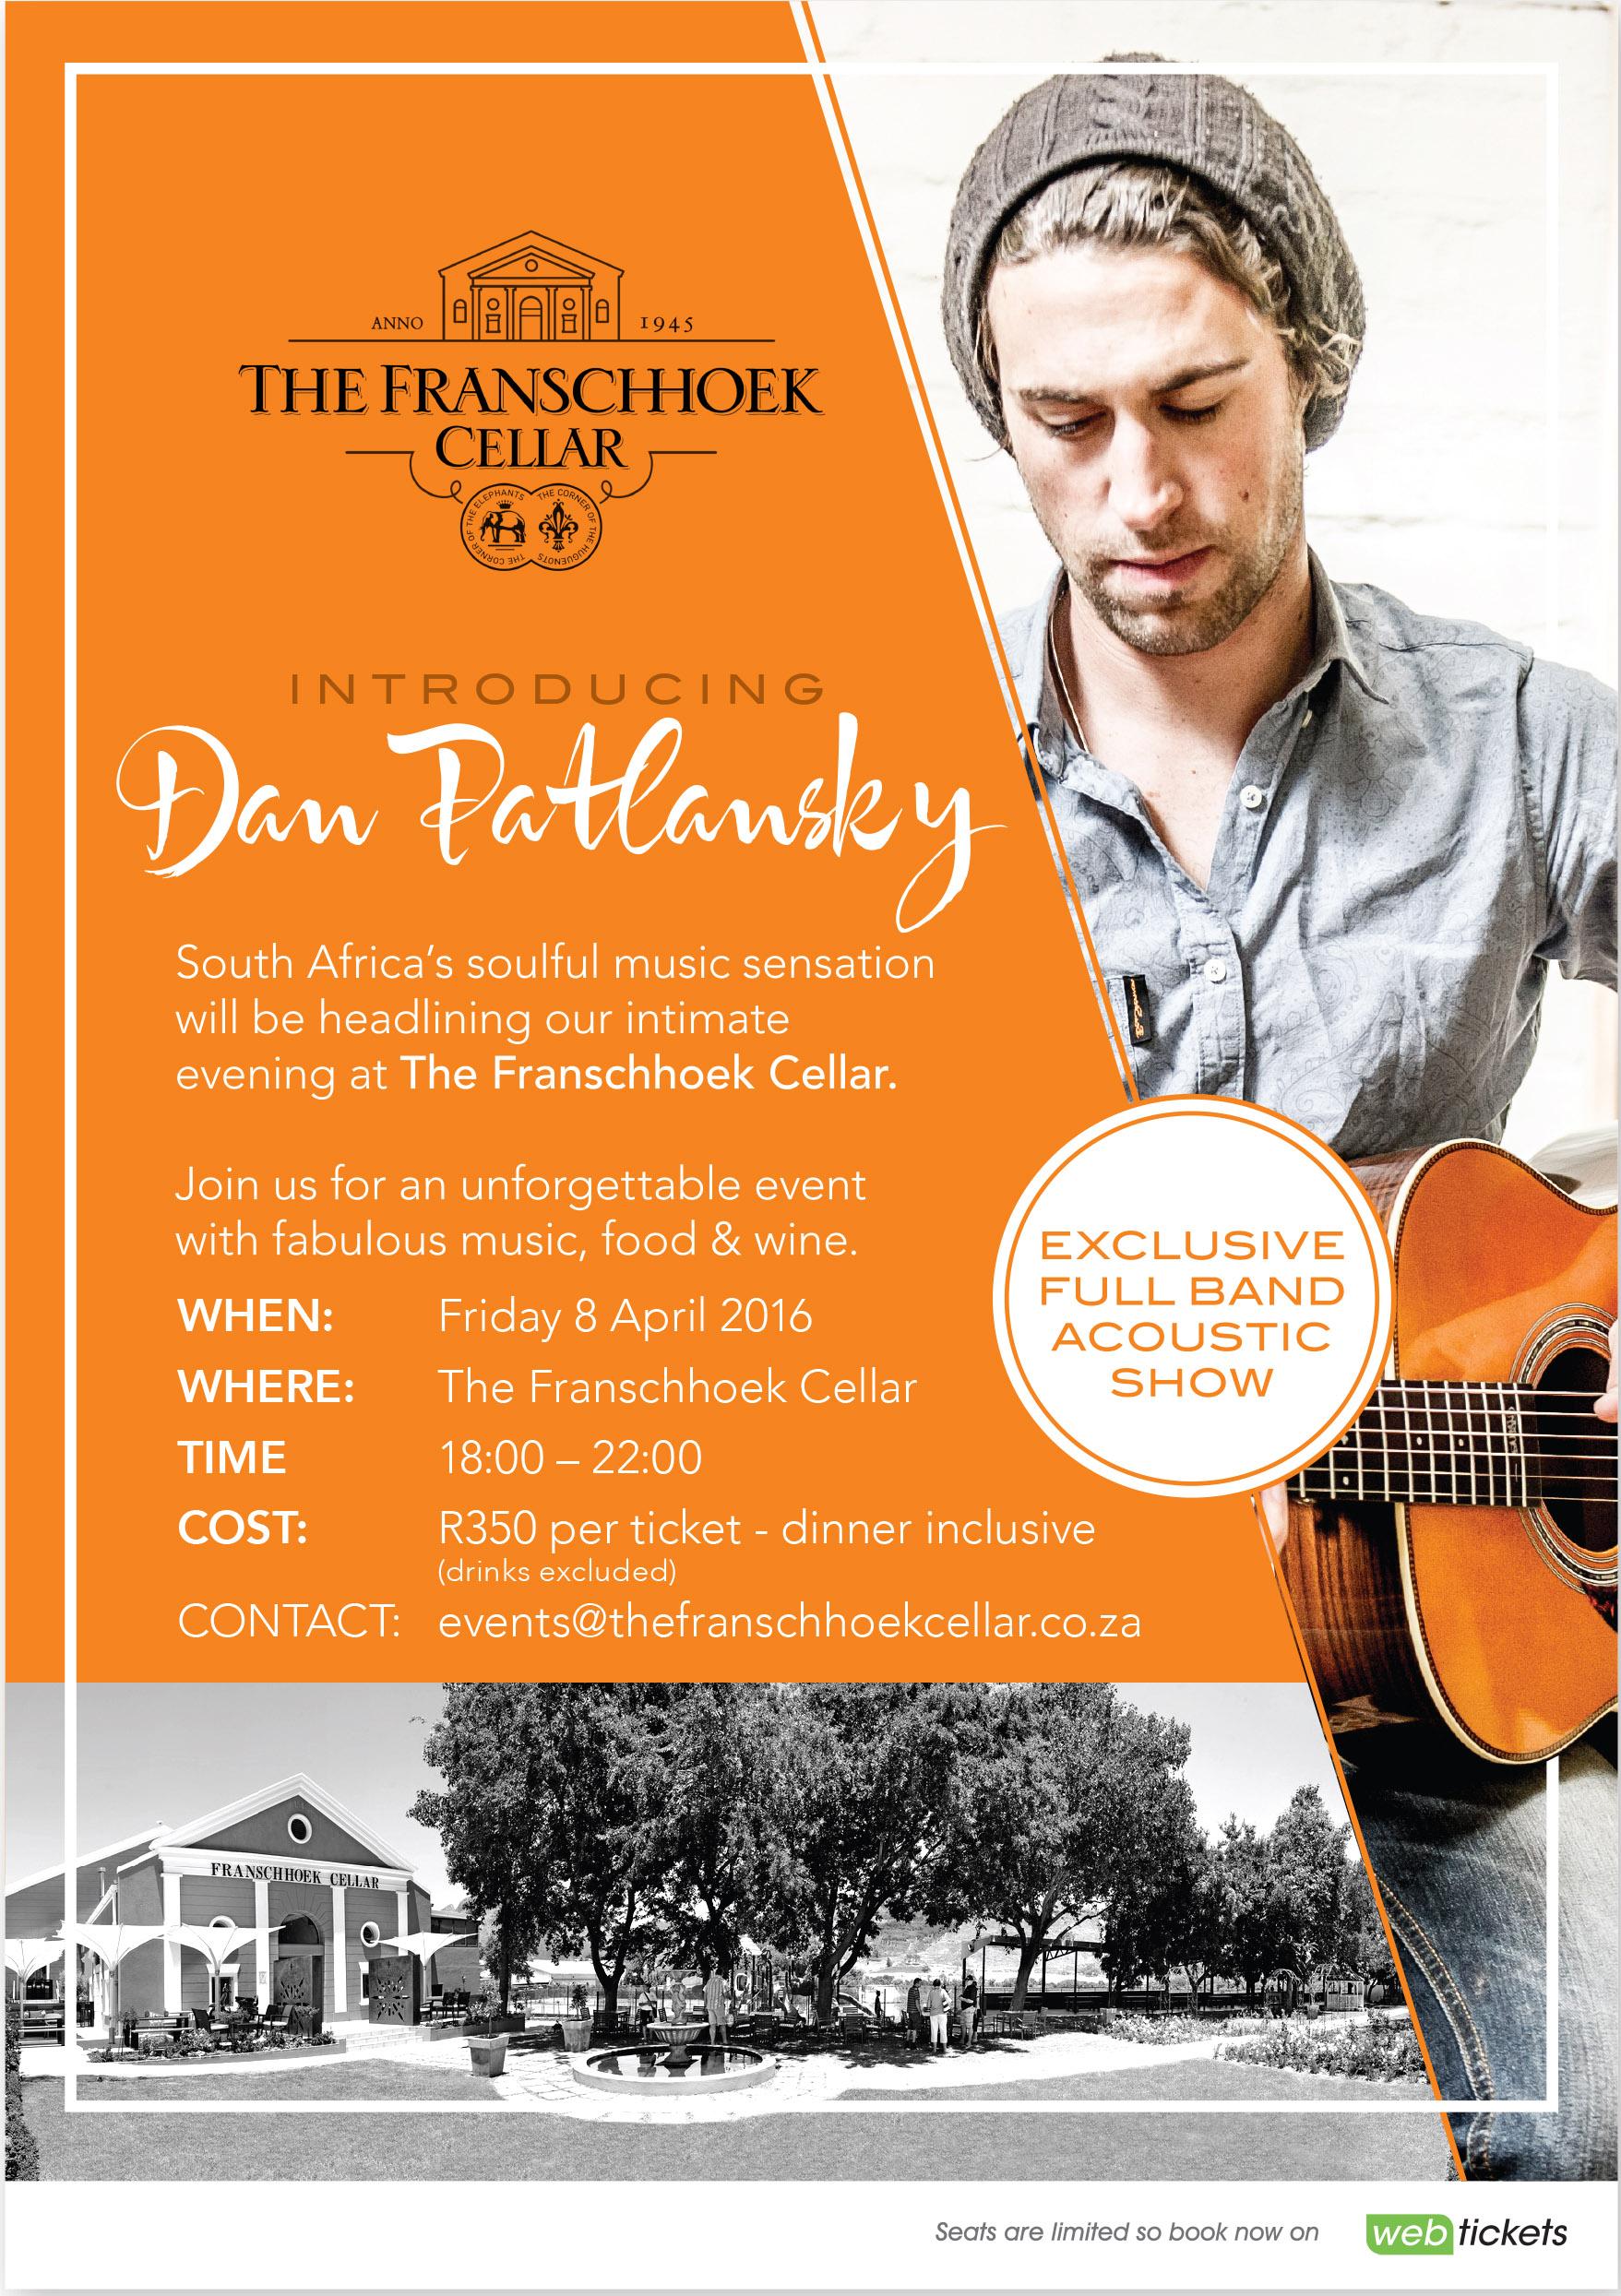 Franschhoek Cellar_Dan Patlansky Flyer_04 - Final 17 March 2016